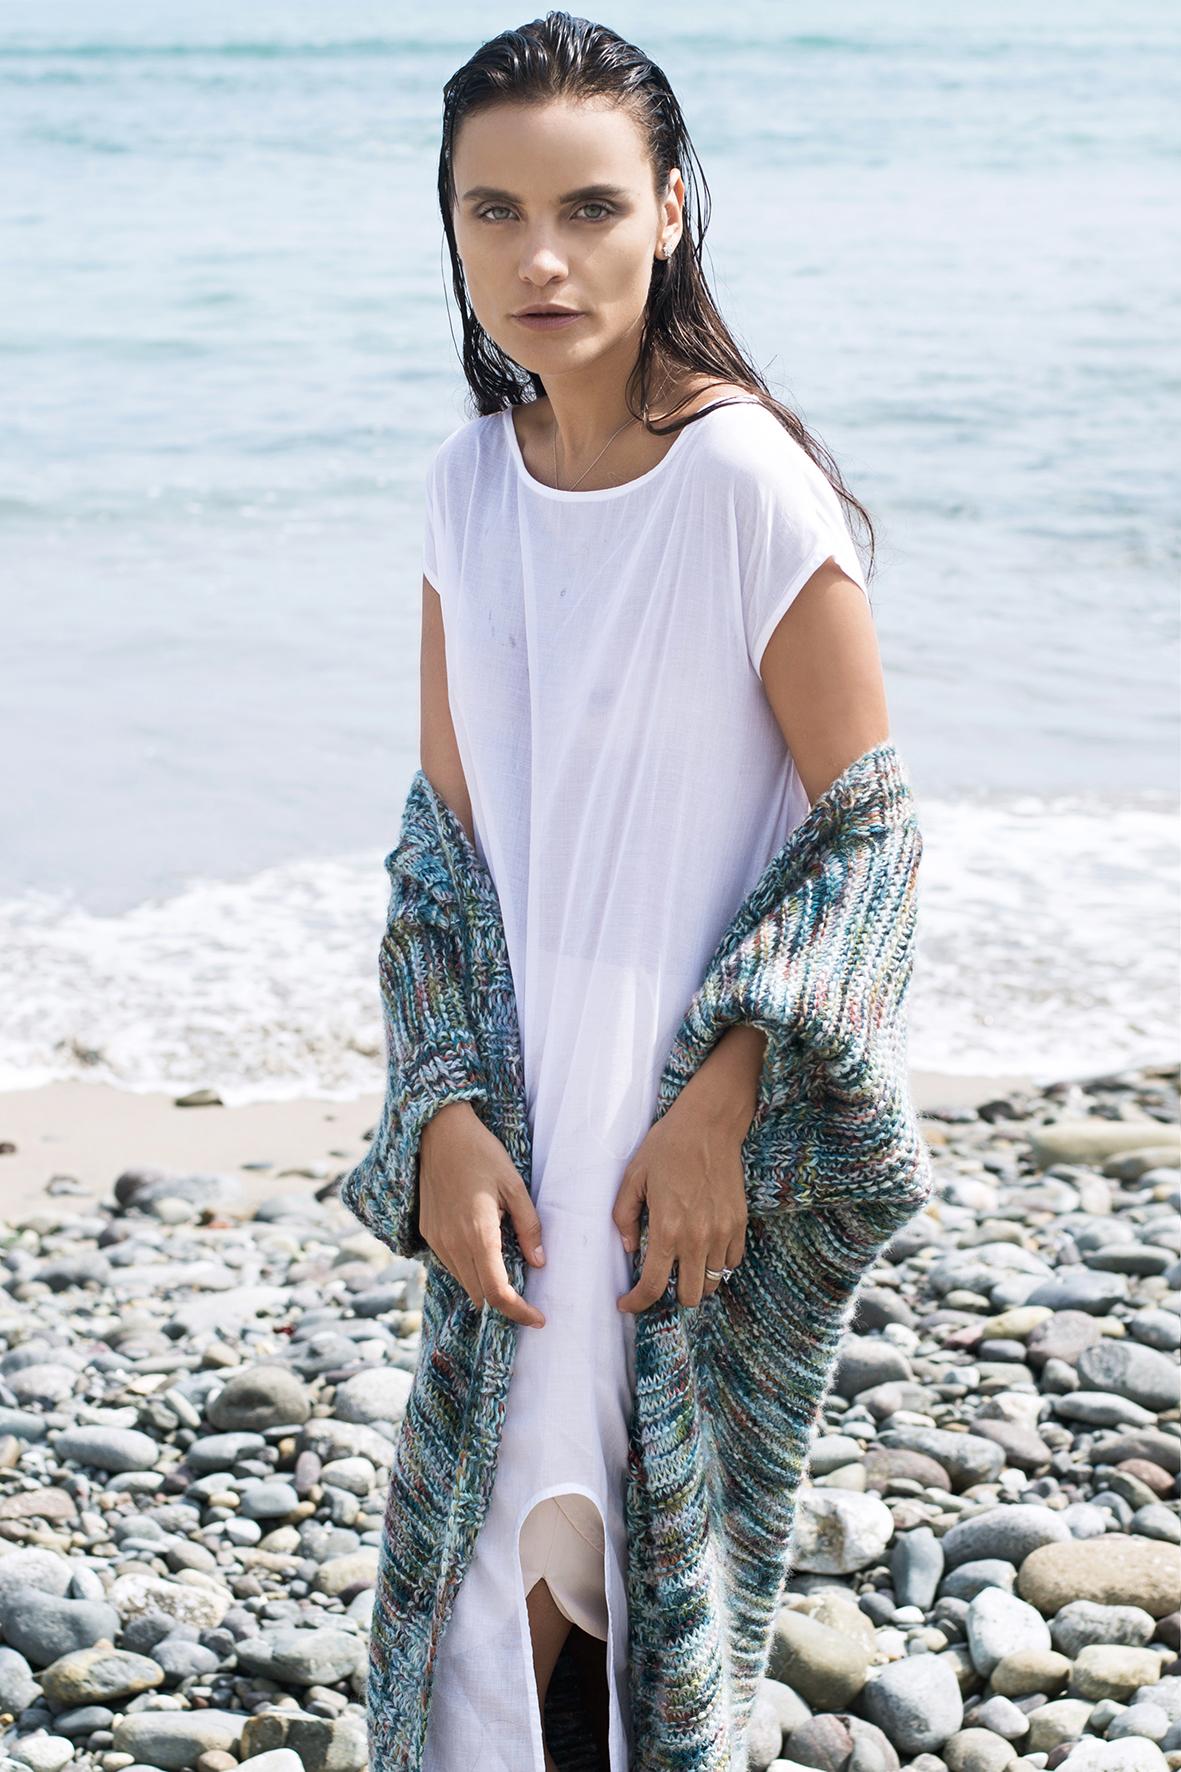 giuliana weston - modelo peruana - perú - peru moda -  fashion photography - costa verde -  006.jpg